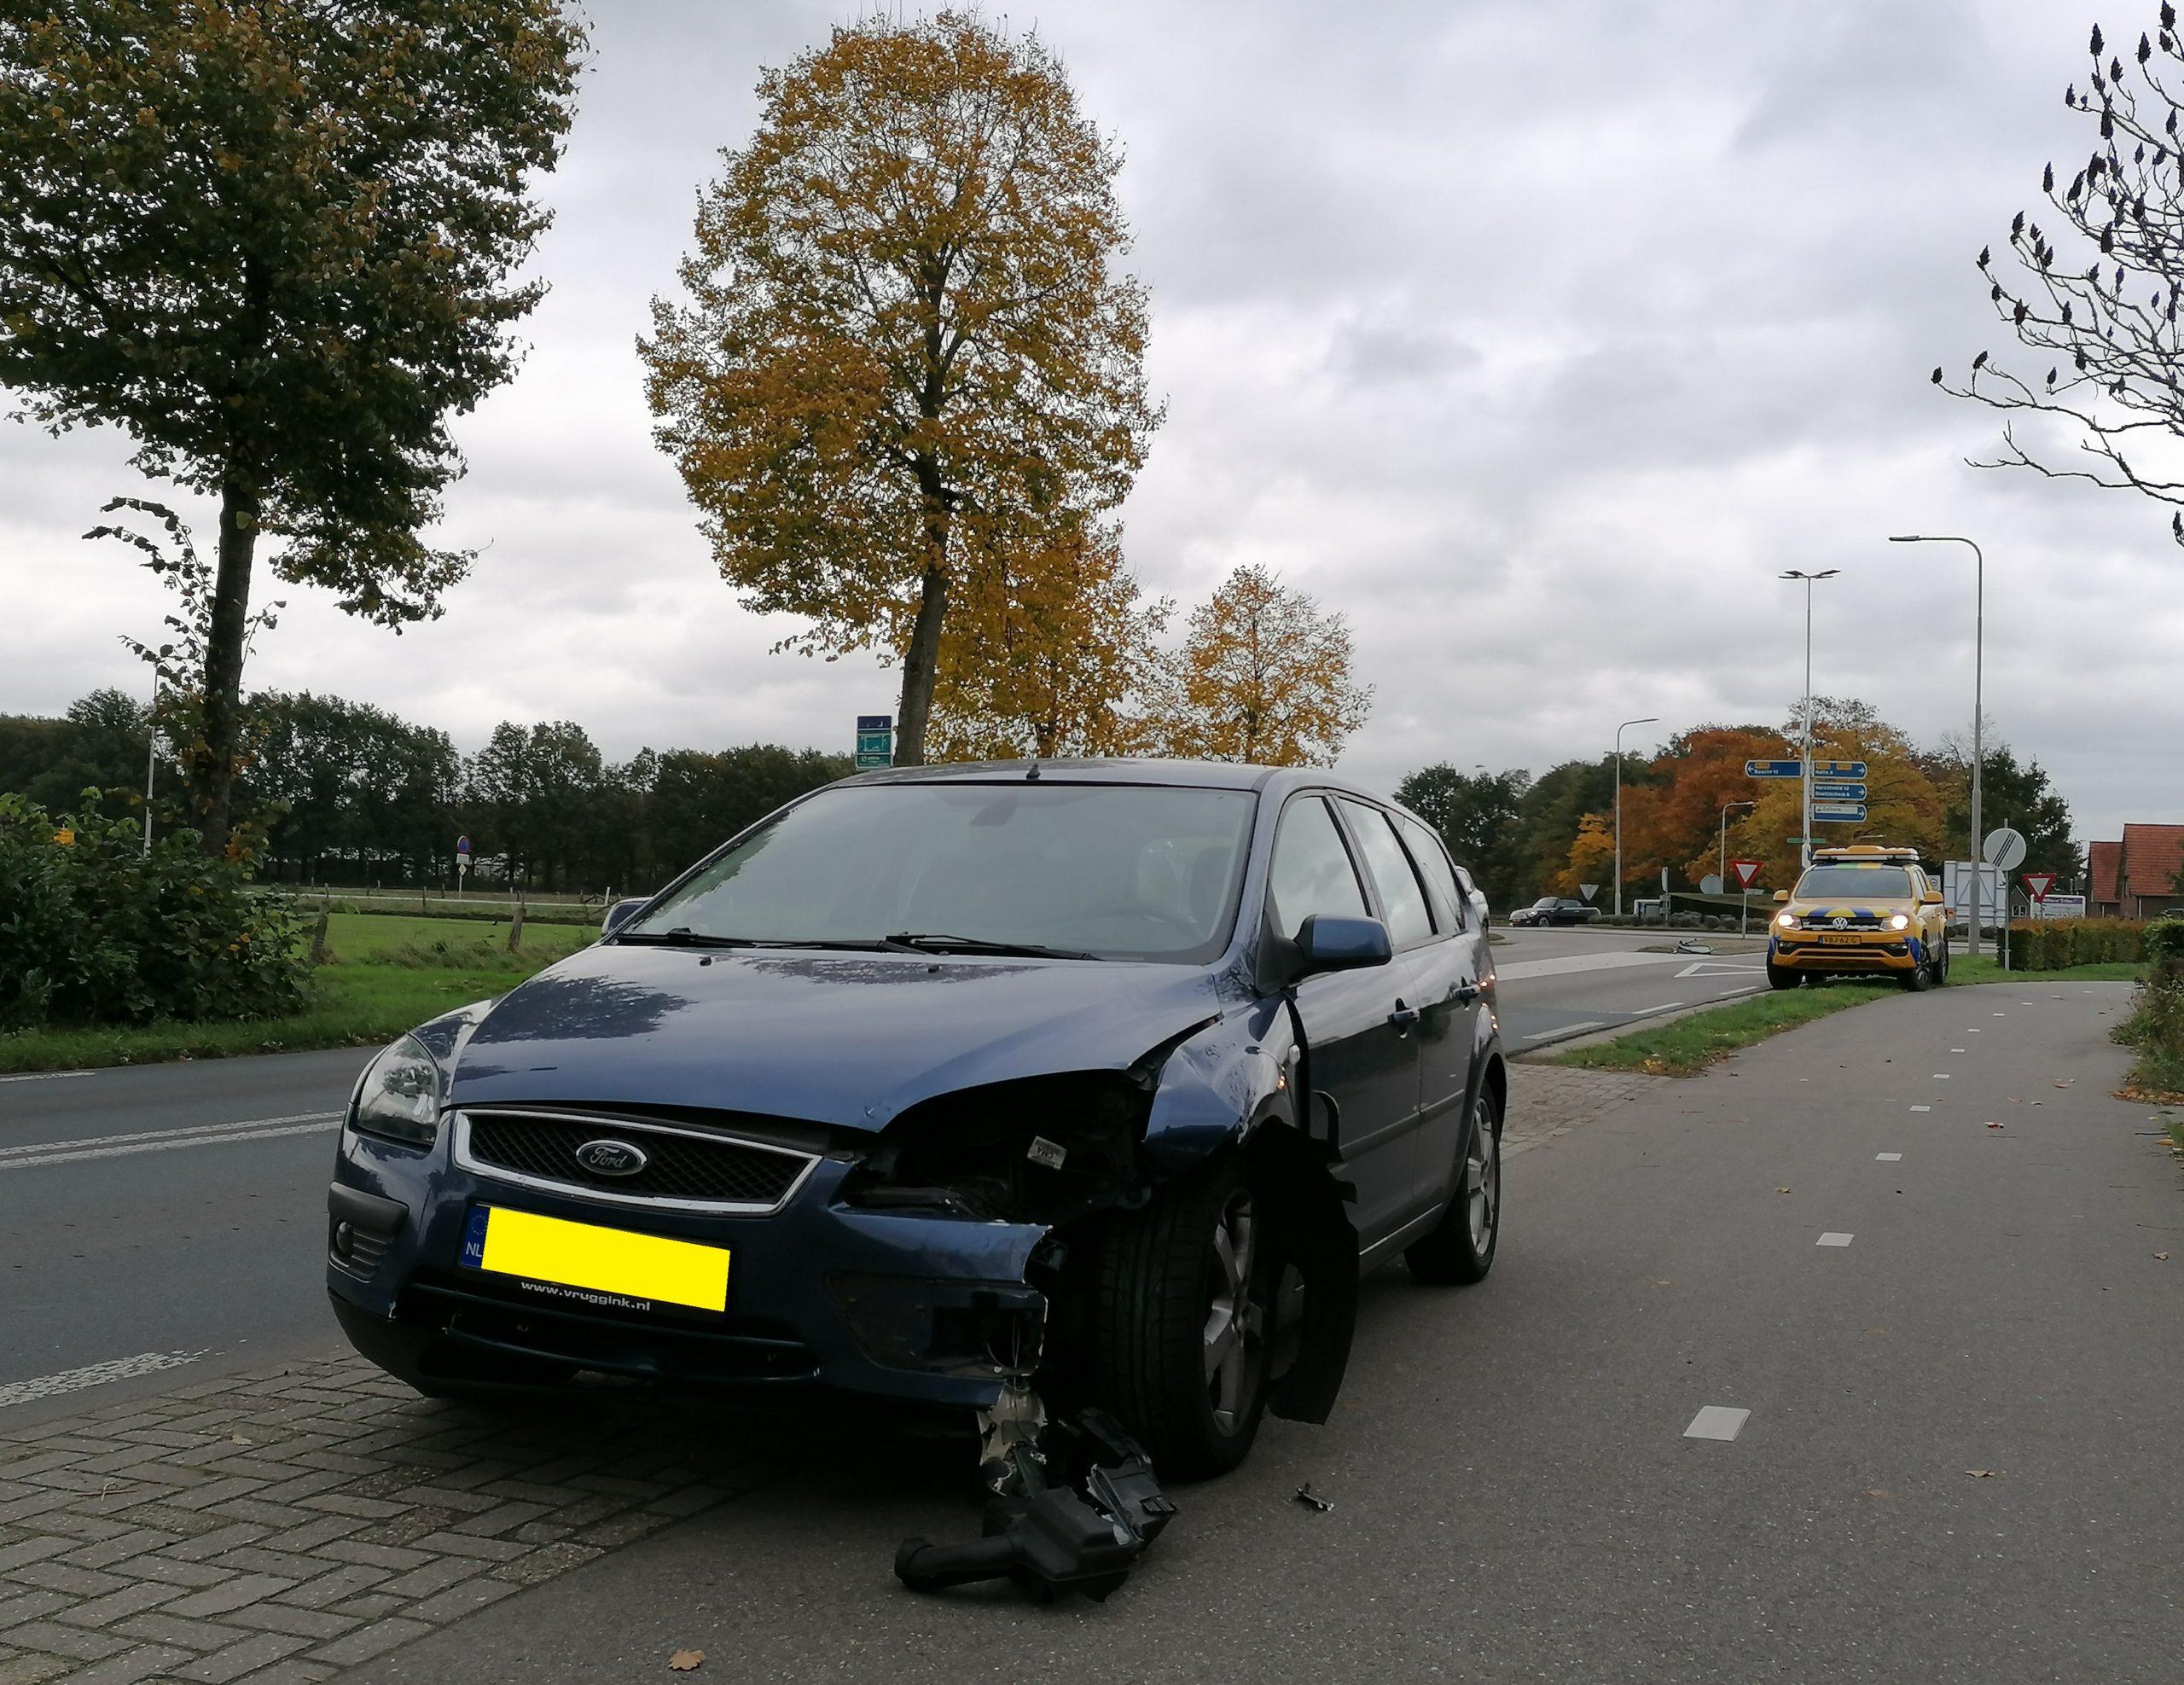 Automobilist verliest macht over het stuur en wordt over vluchtheuvel gelanceerd